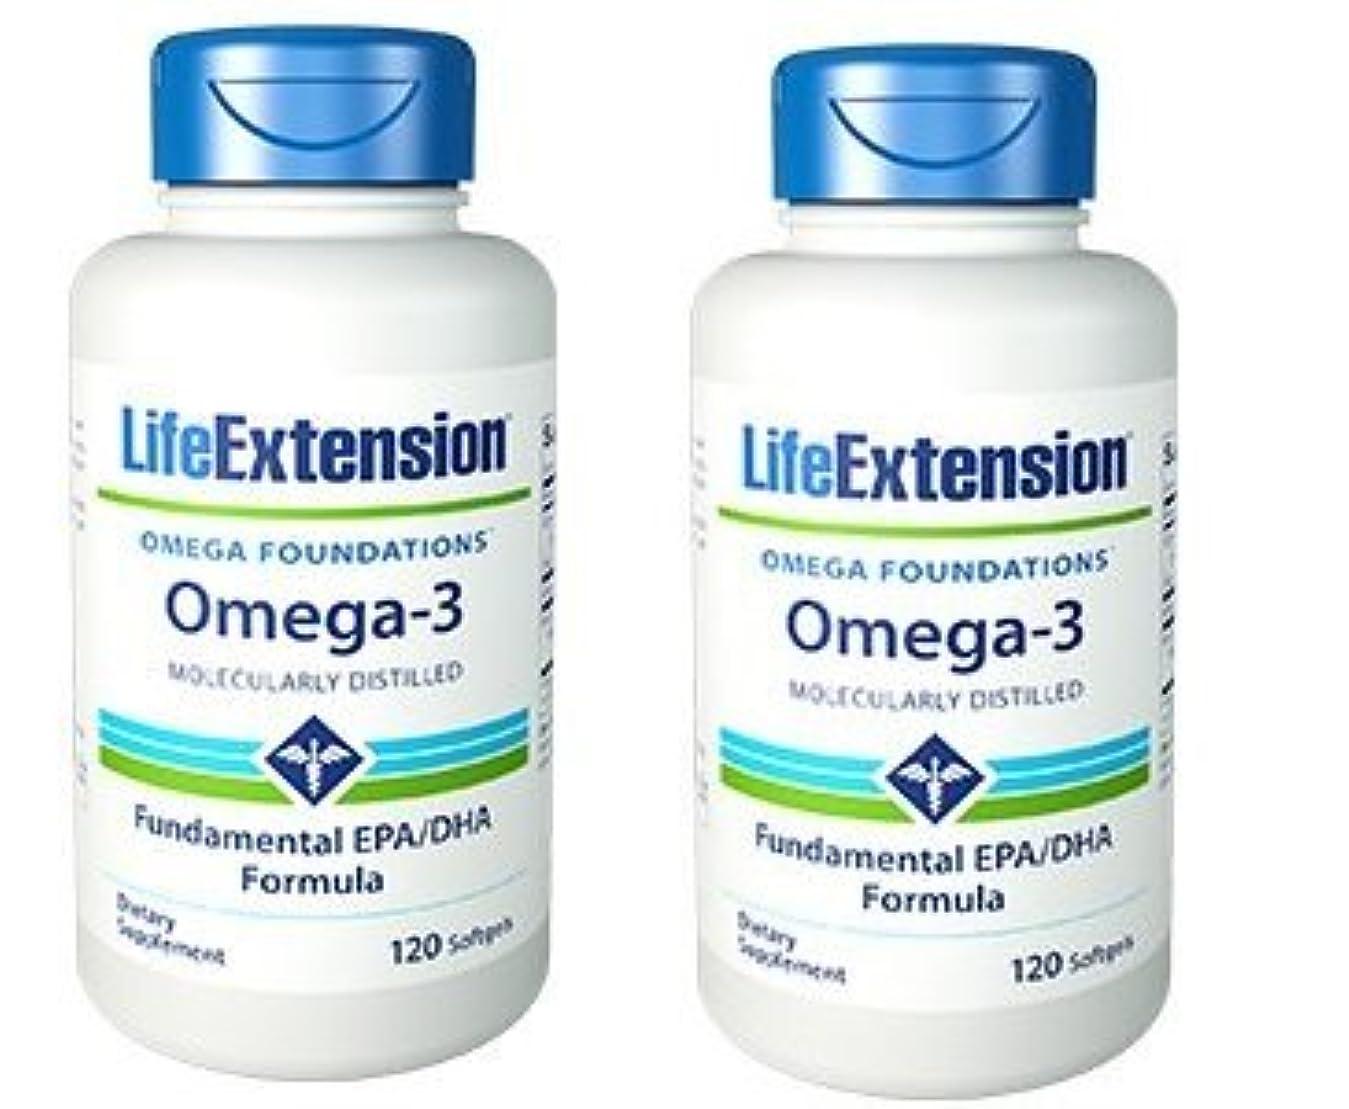 スクリーチ攻撃的出撃者【海外直送品】【2本セット】Life Extension - Omega-3 as many commercial fish oils 120 ソフトジェル